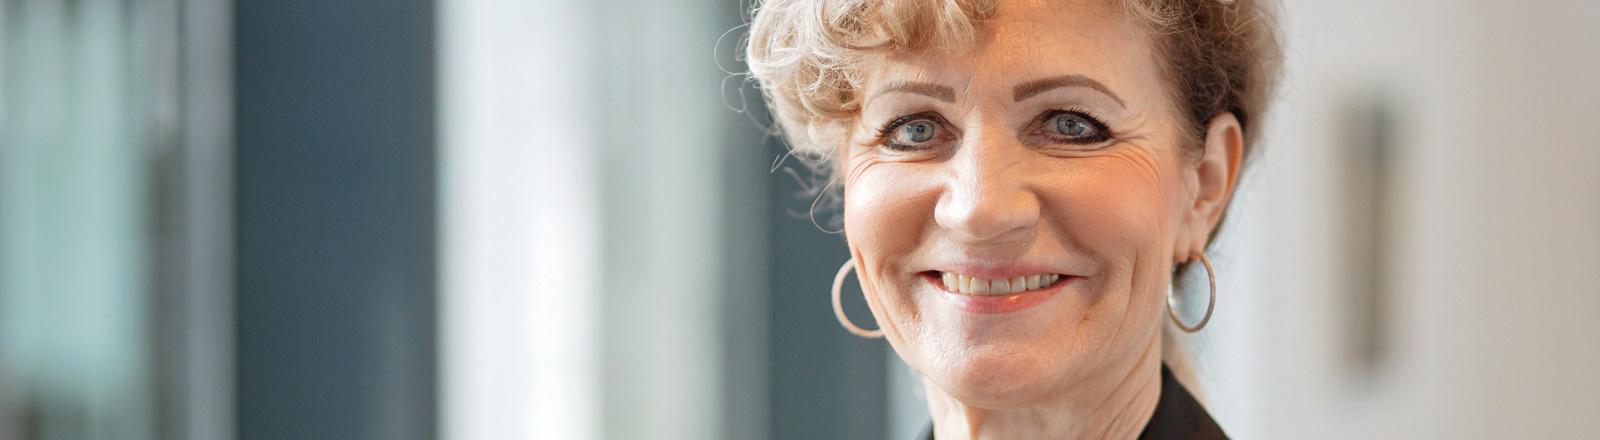 13.11.2019, Thüringen, Erfurt: Birgit Keller (Die Linke) steht im Thüringer Landtag. Die die bisherige Infrastrukturministerin soll heute von der Thüringer Linken für das Amt der Landtagspräsidentin vorschlagen werden.